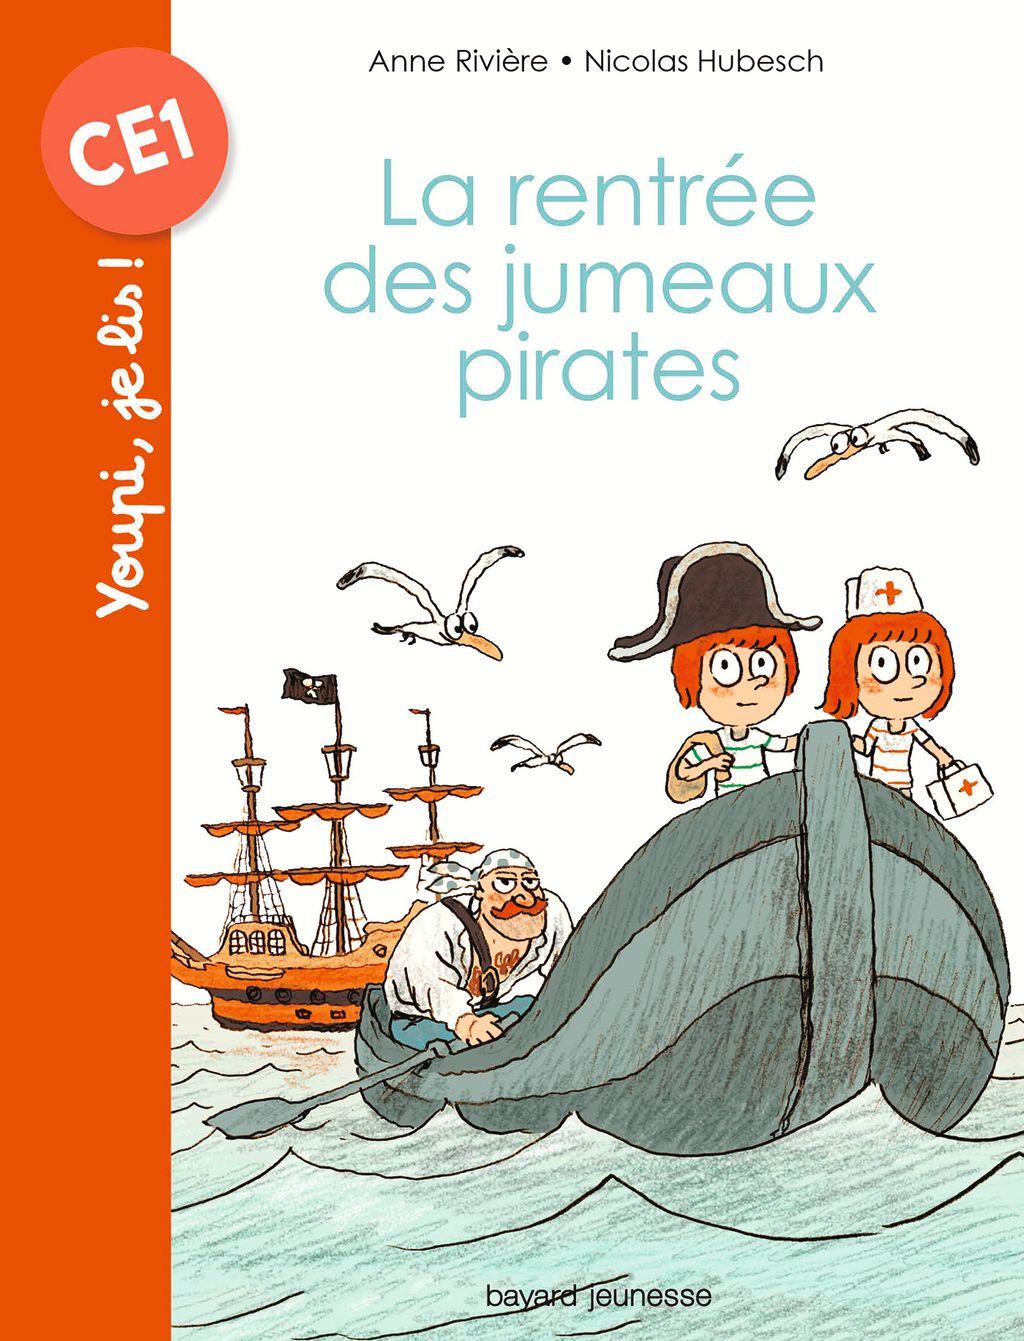 «La rentrée des jumeaux pirates» cover